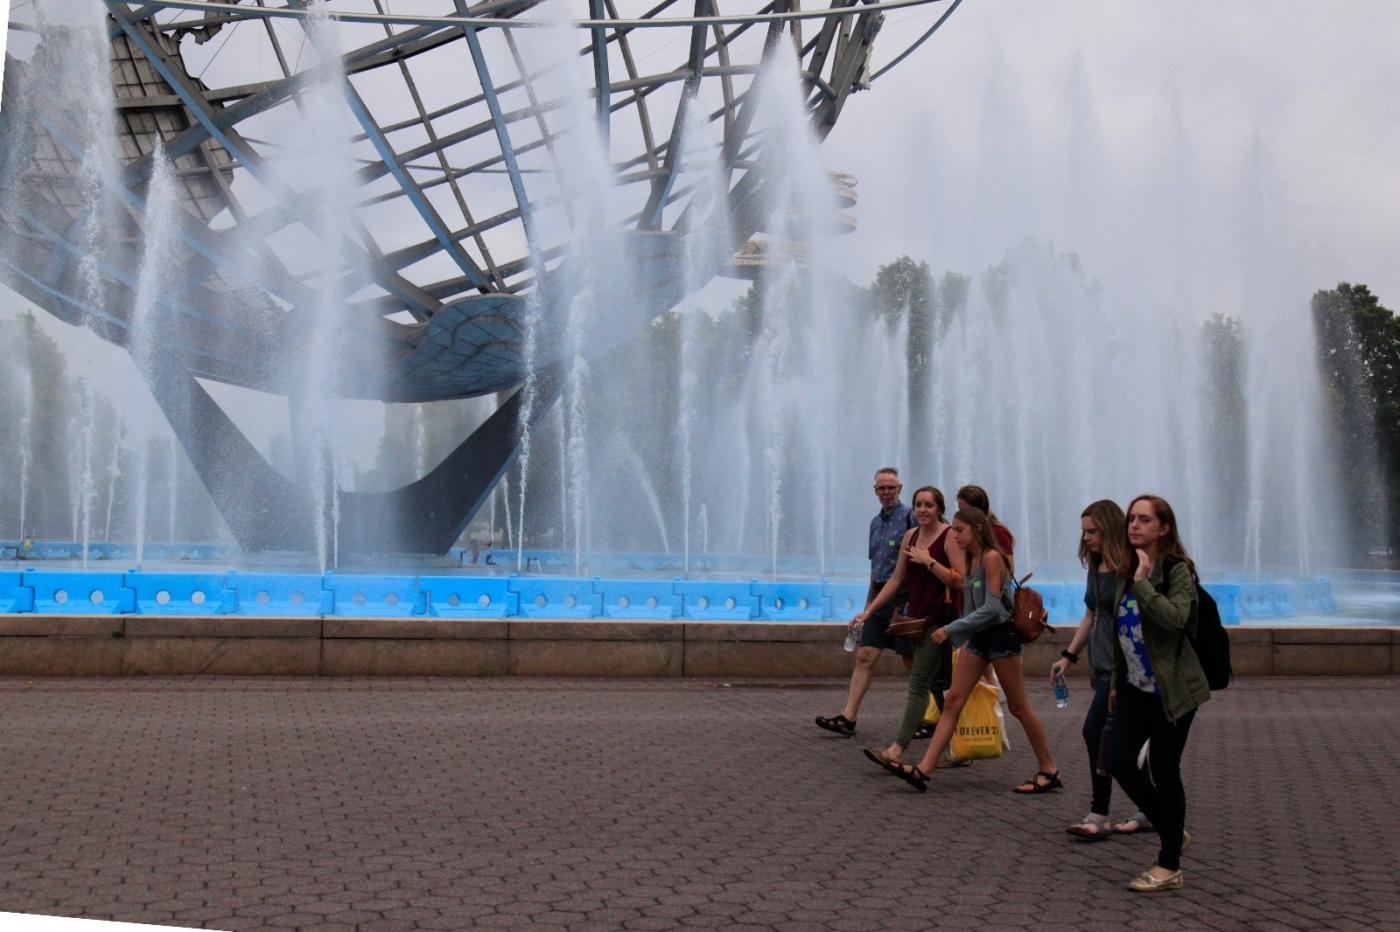 炎夏的可乐娜公园地球仪喷水池,是法拉盛周边居民休闲,娱乐的好地方 ..._图1-4